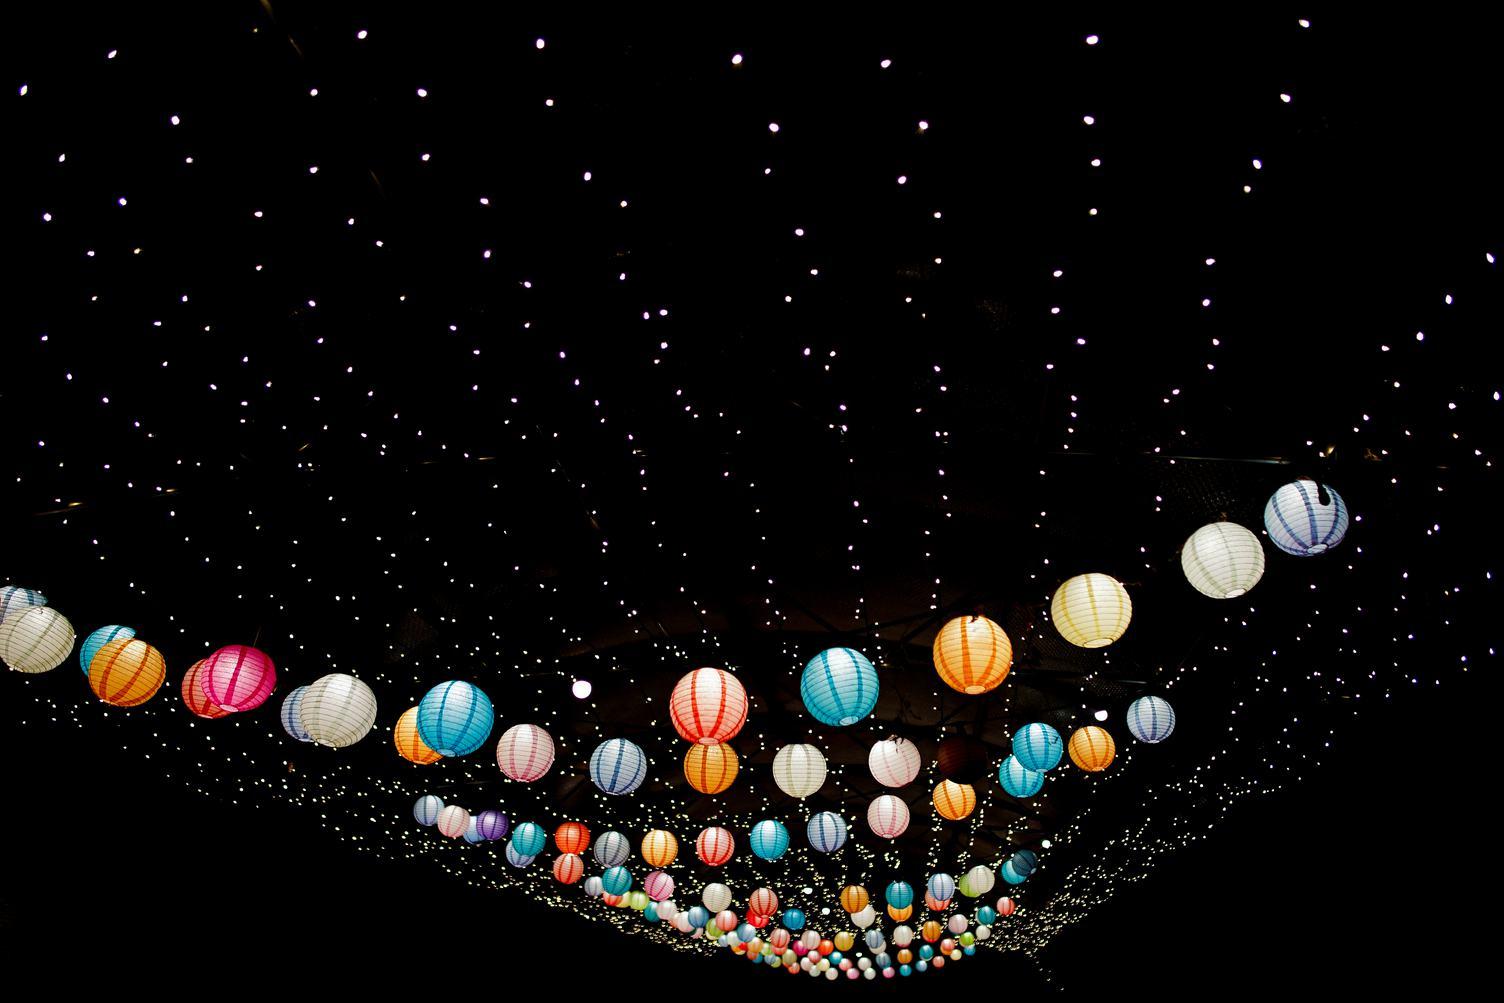 Hanging Colorful Paper Lanterns